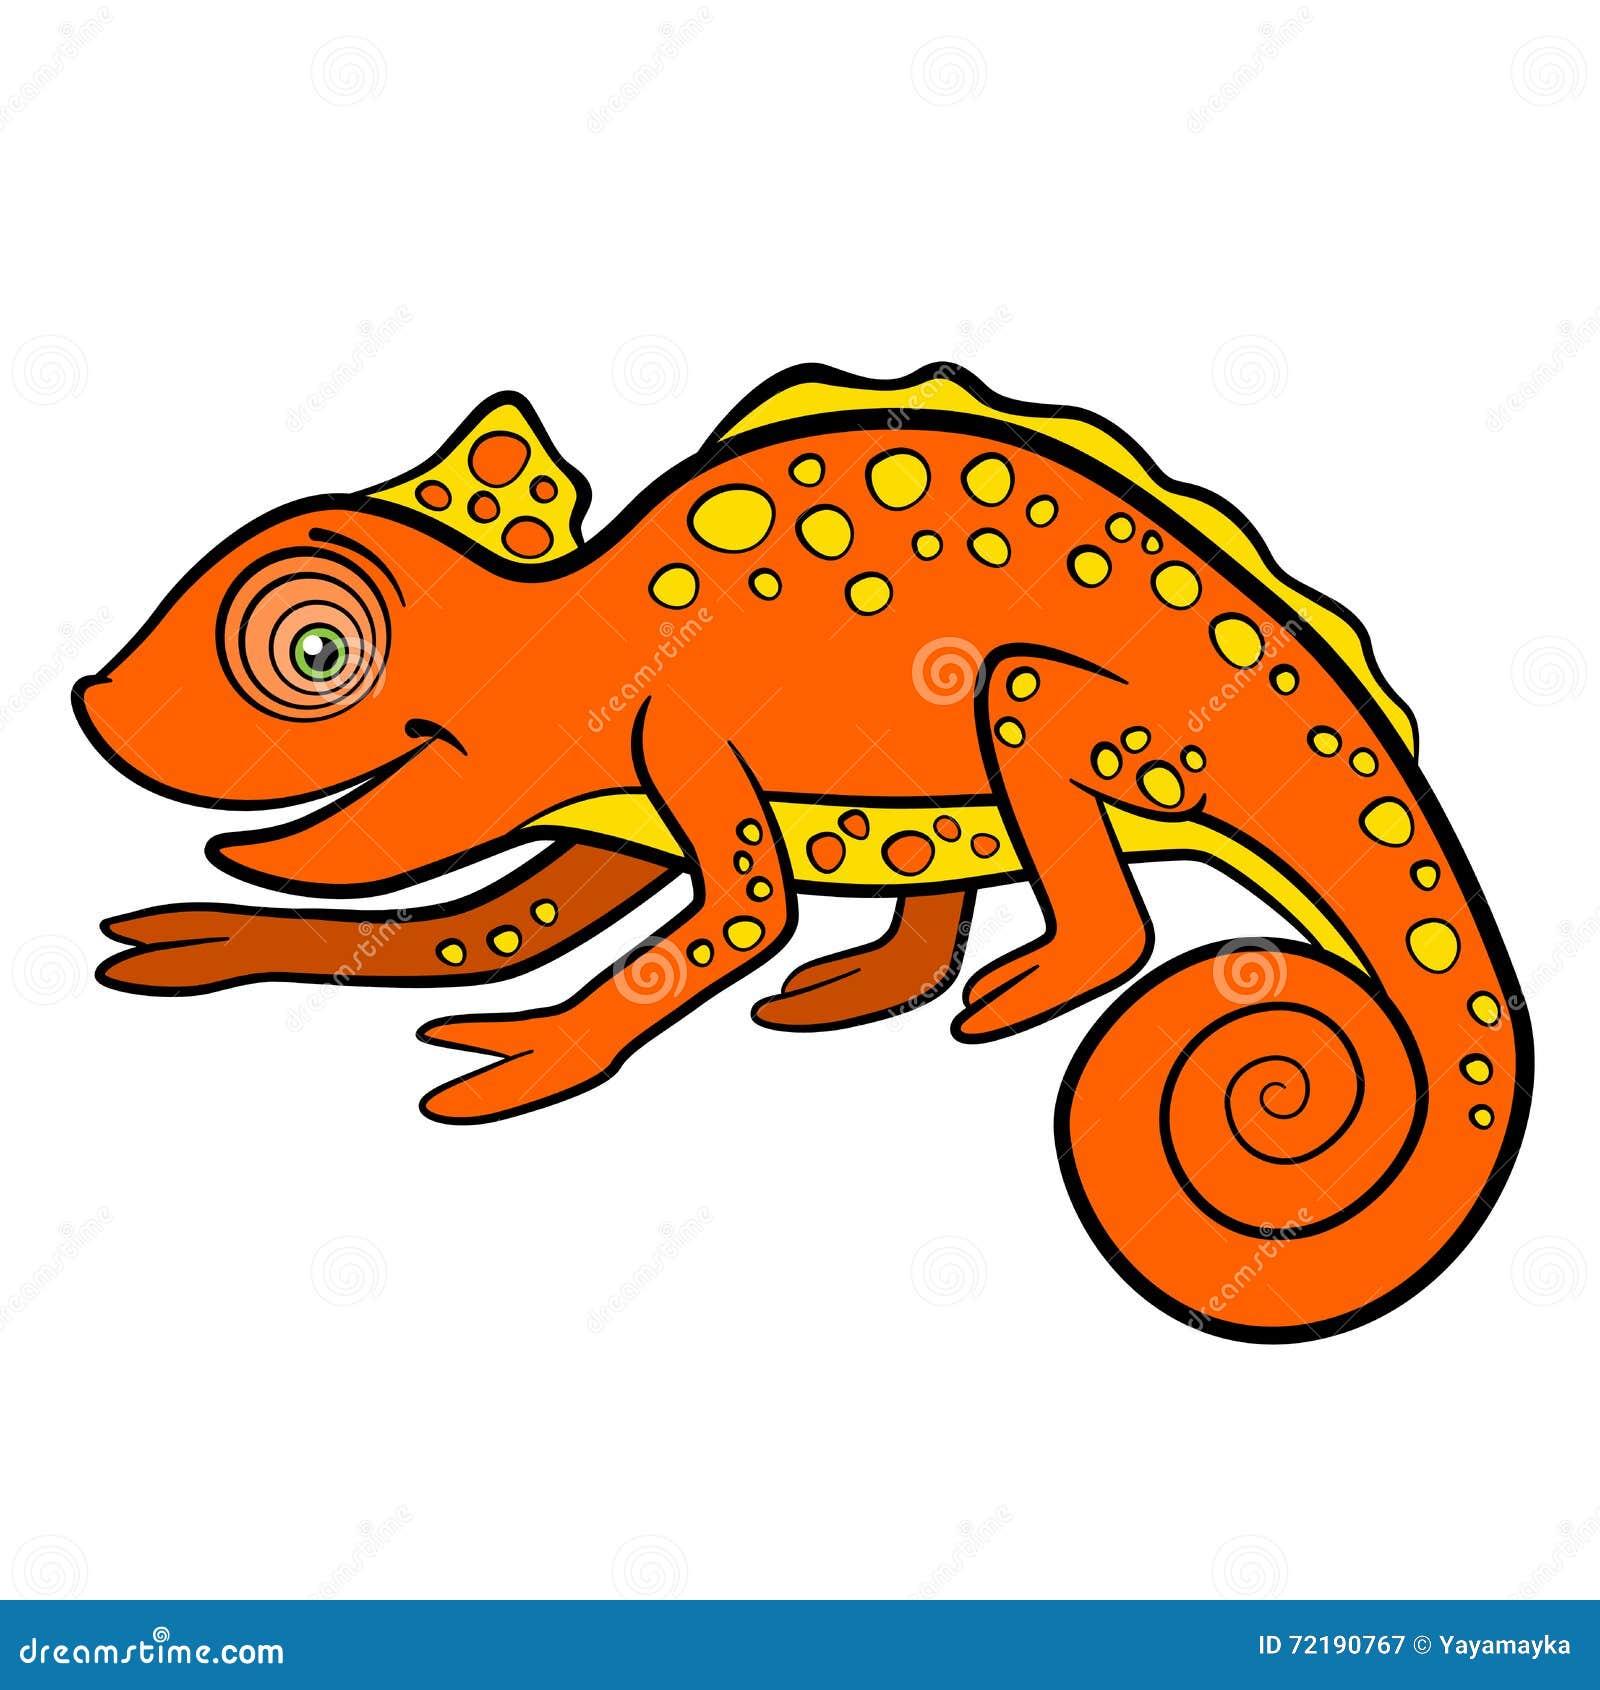 cartoon animals for kids little cute orange chameleon stock